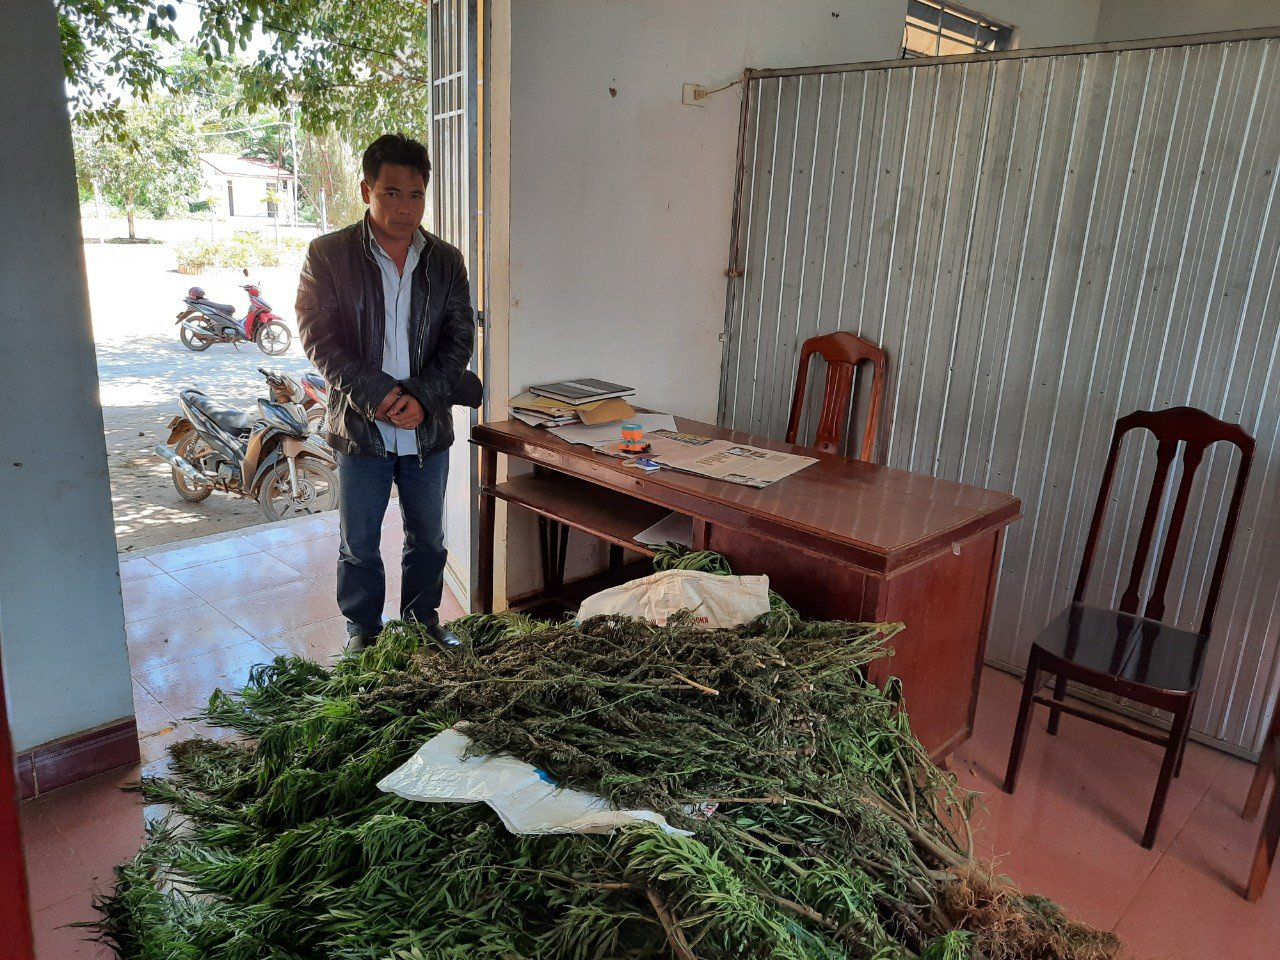 Lâm Đồng: Vì sao tình hình trồng cây chứa chất ma túy diễn biến phức tạp, một năm phát hiện hơn 800 cây cần sa - Ảnh 2.